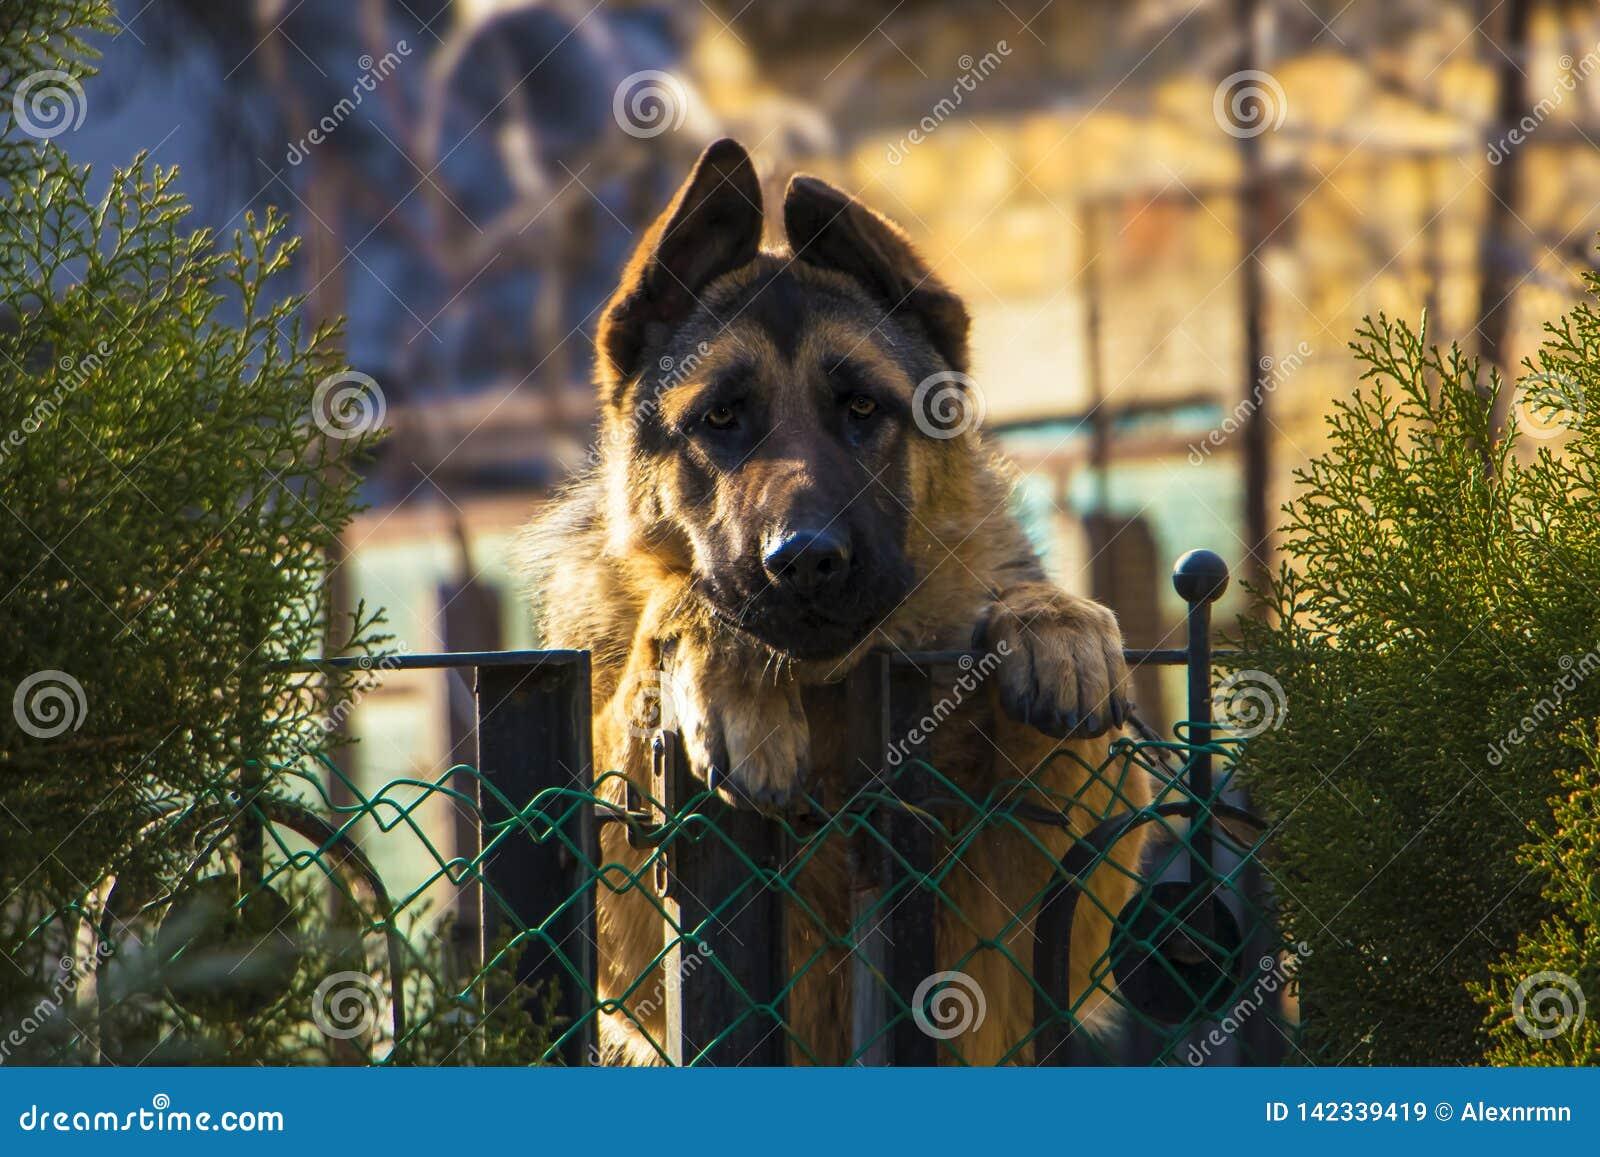 Un perro triste está esperando su amo